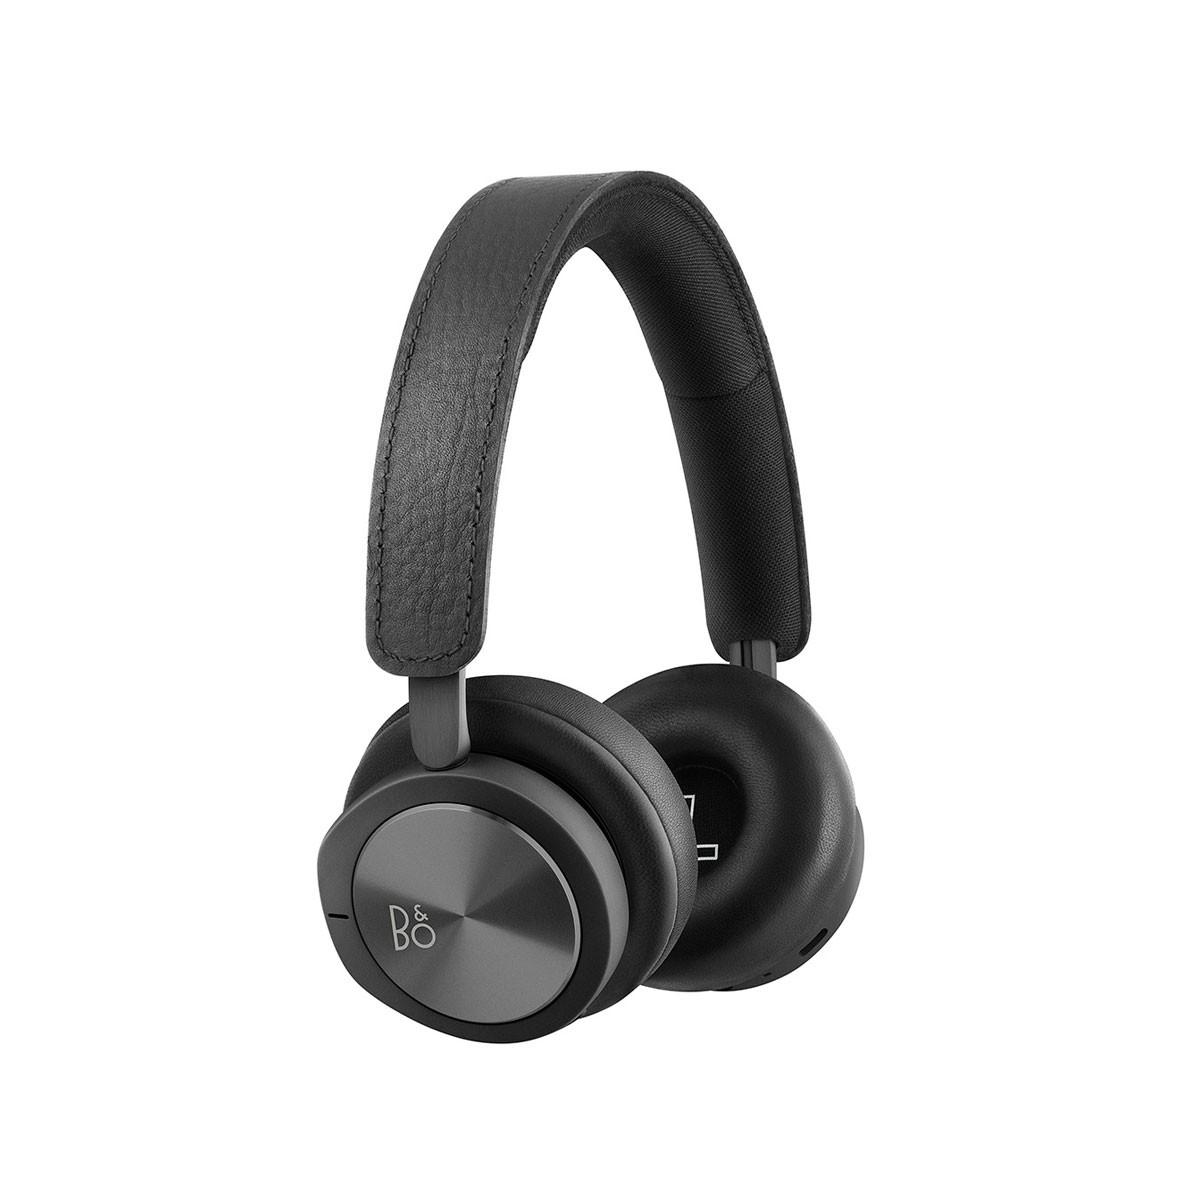 B&O Play - Beoplay H8i, černá bezdrátová sluchátka